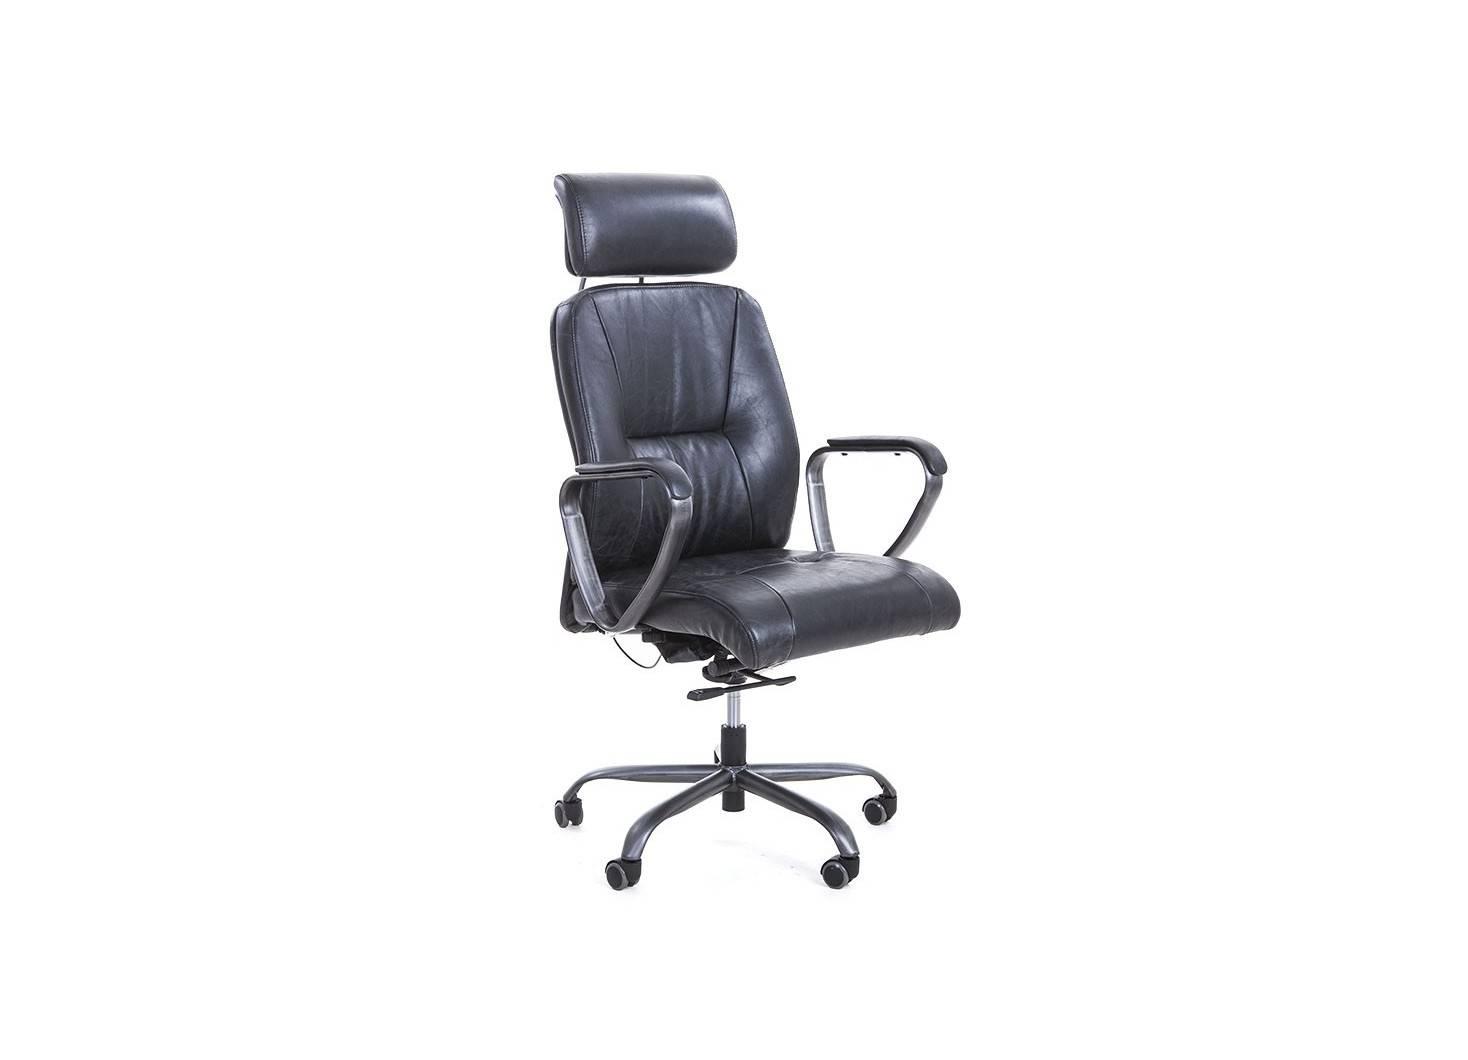 Fauteuil de bureau en cuir noir vintage et métal noir clair - L65 cm